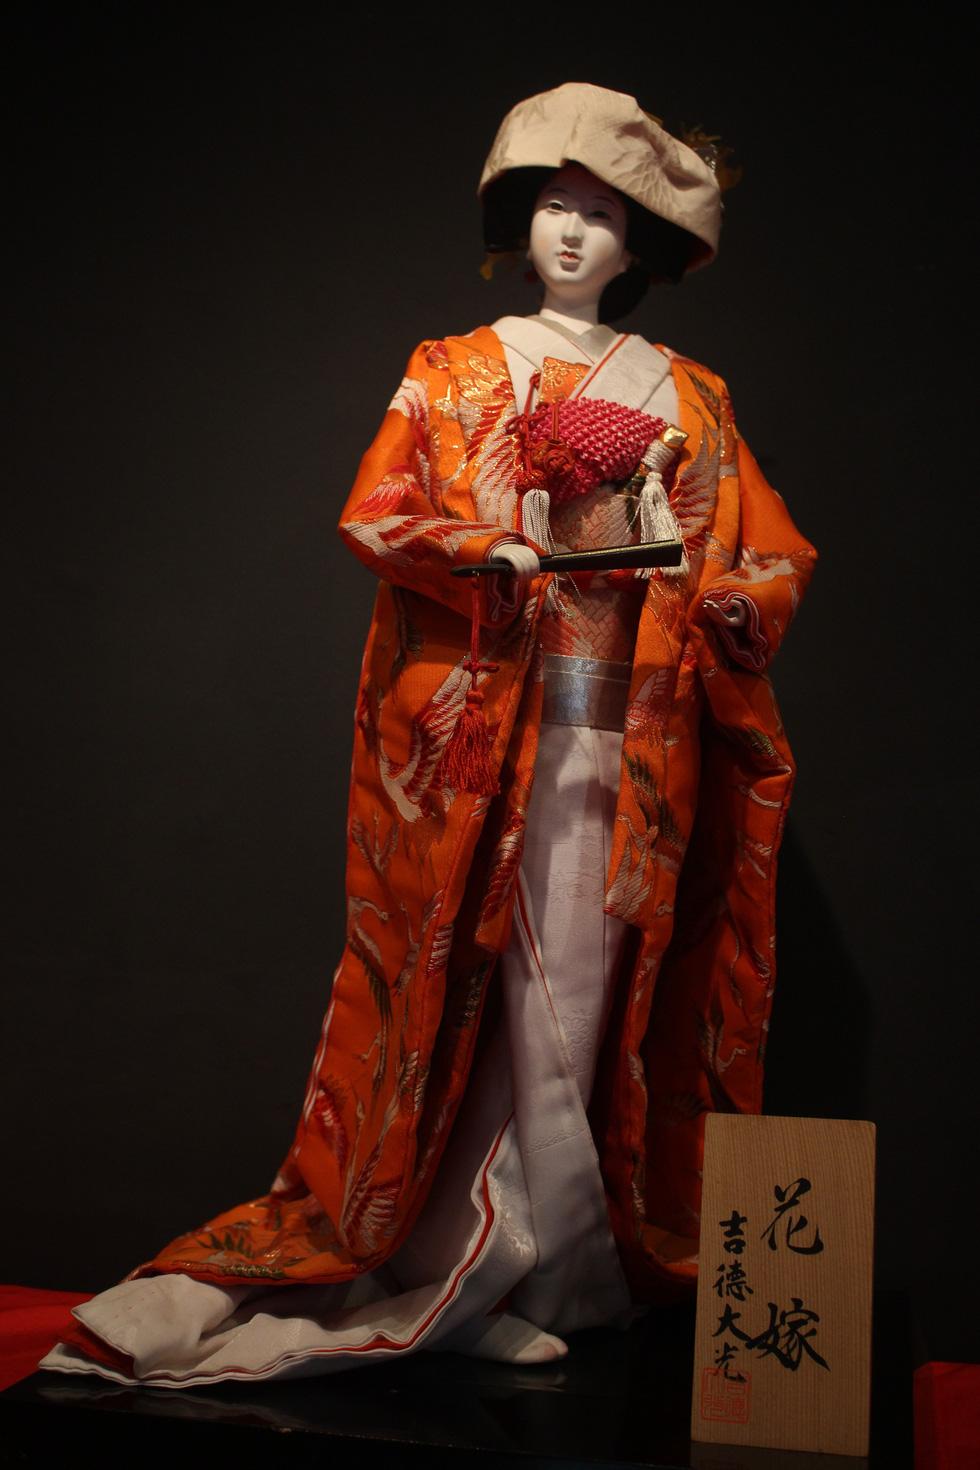 Bí ẩn thế giới búp bê truyền thống Nhật Bản - Ảnh 4.